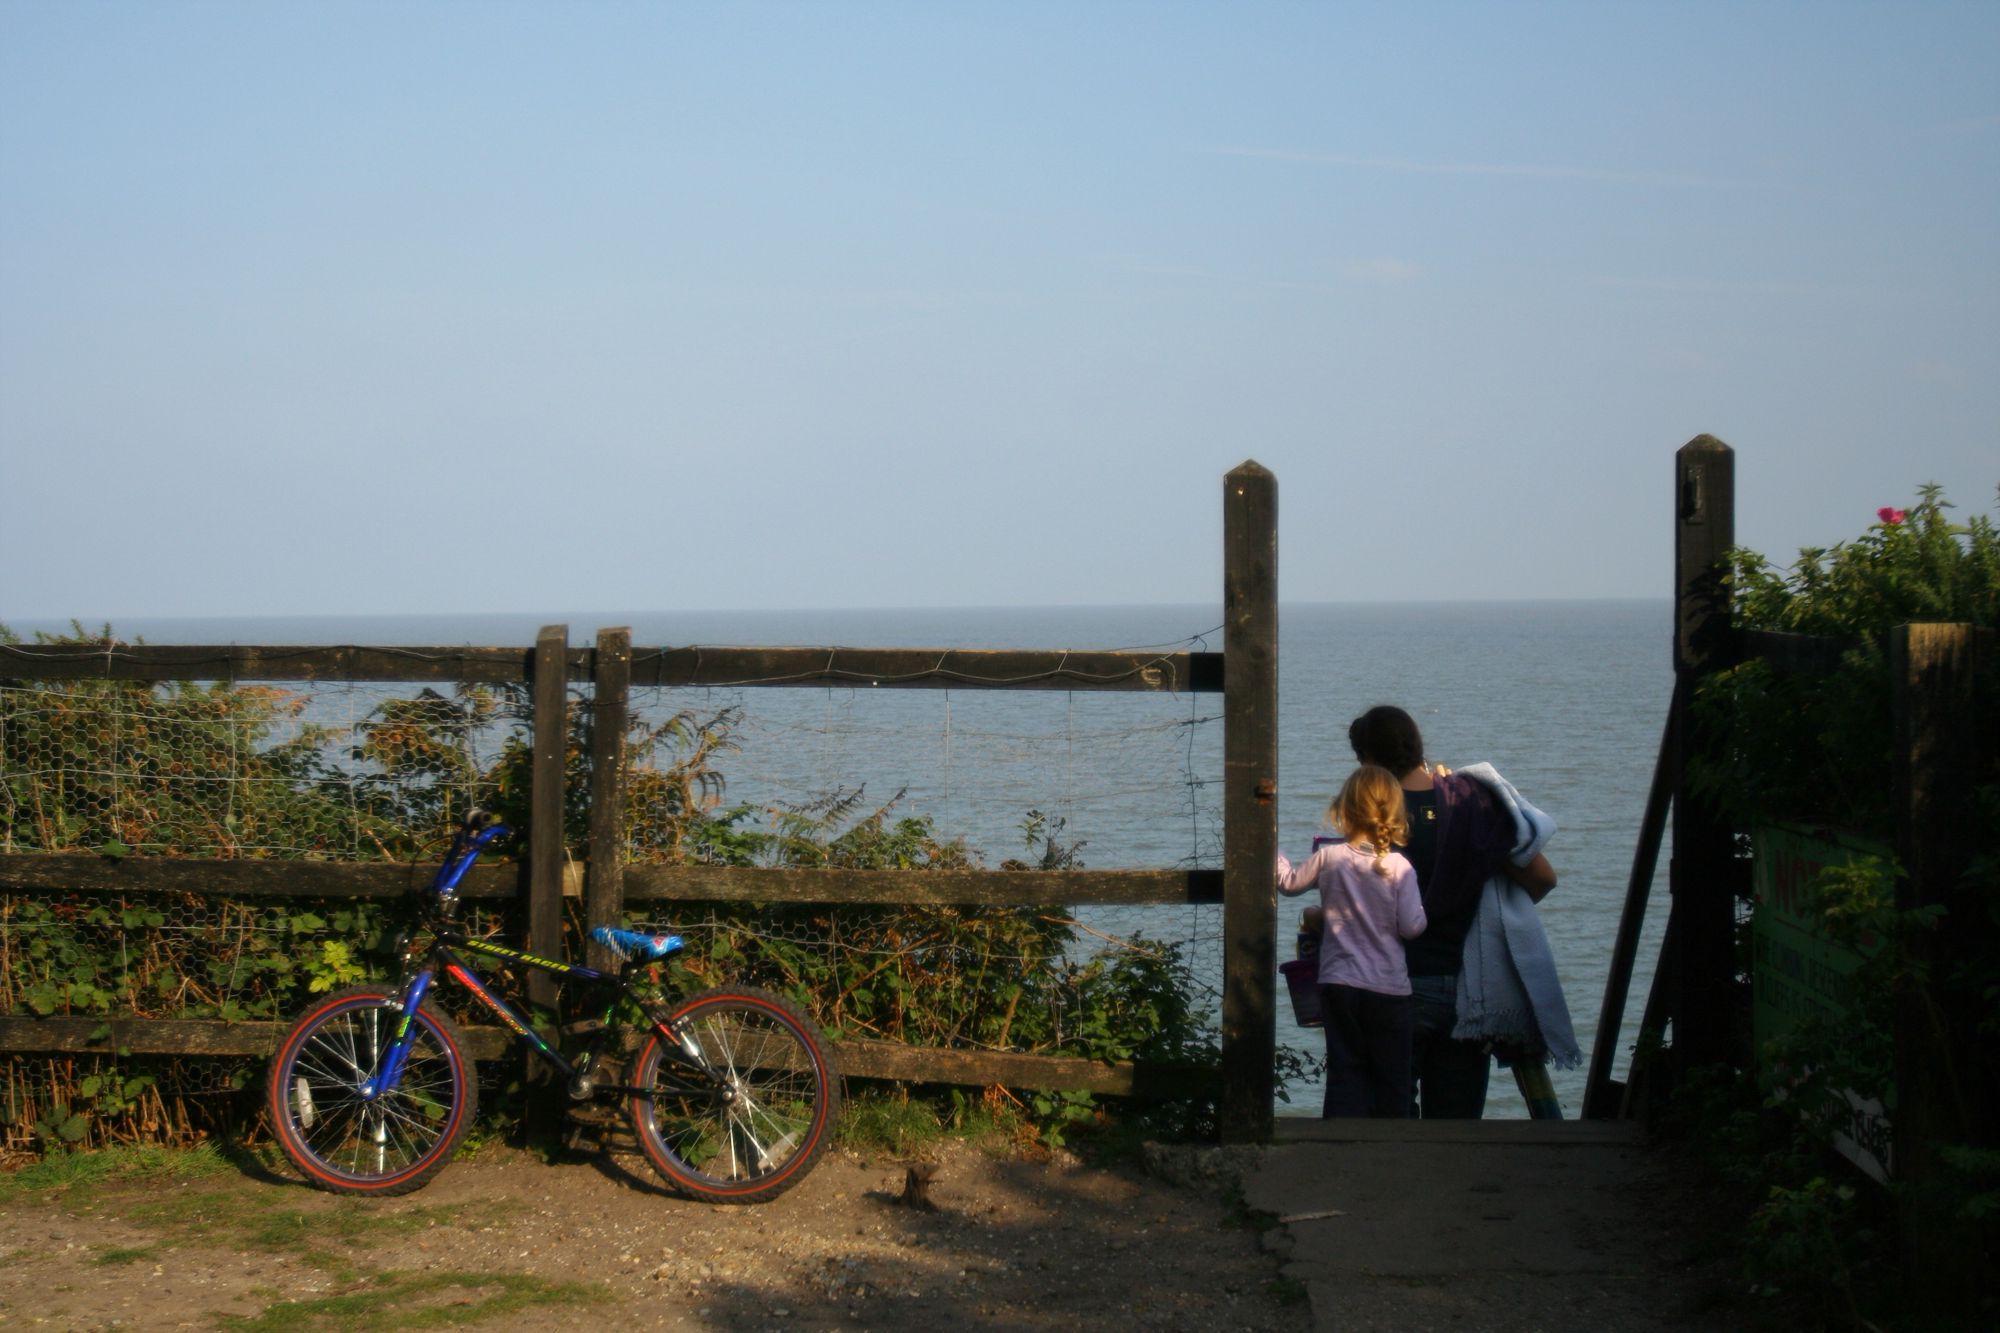 Dunwich Camping | Campsites near Dunwich, Suffolk